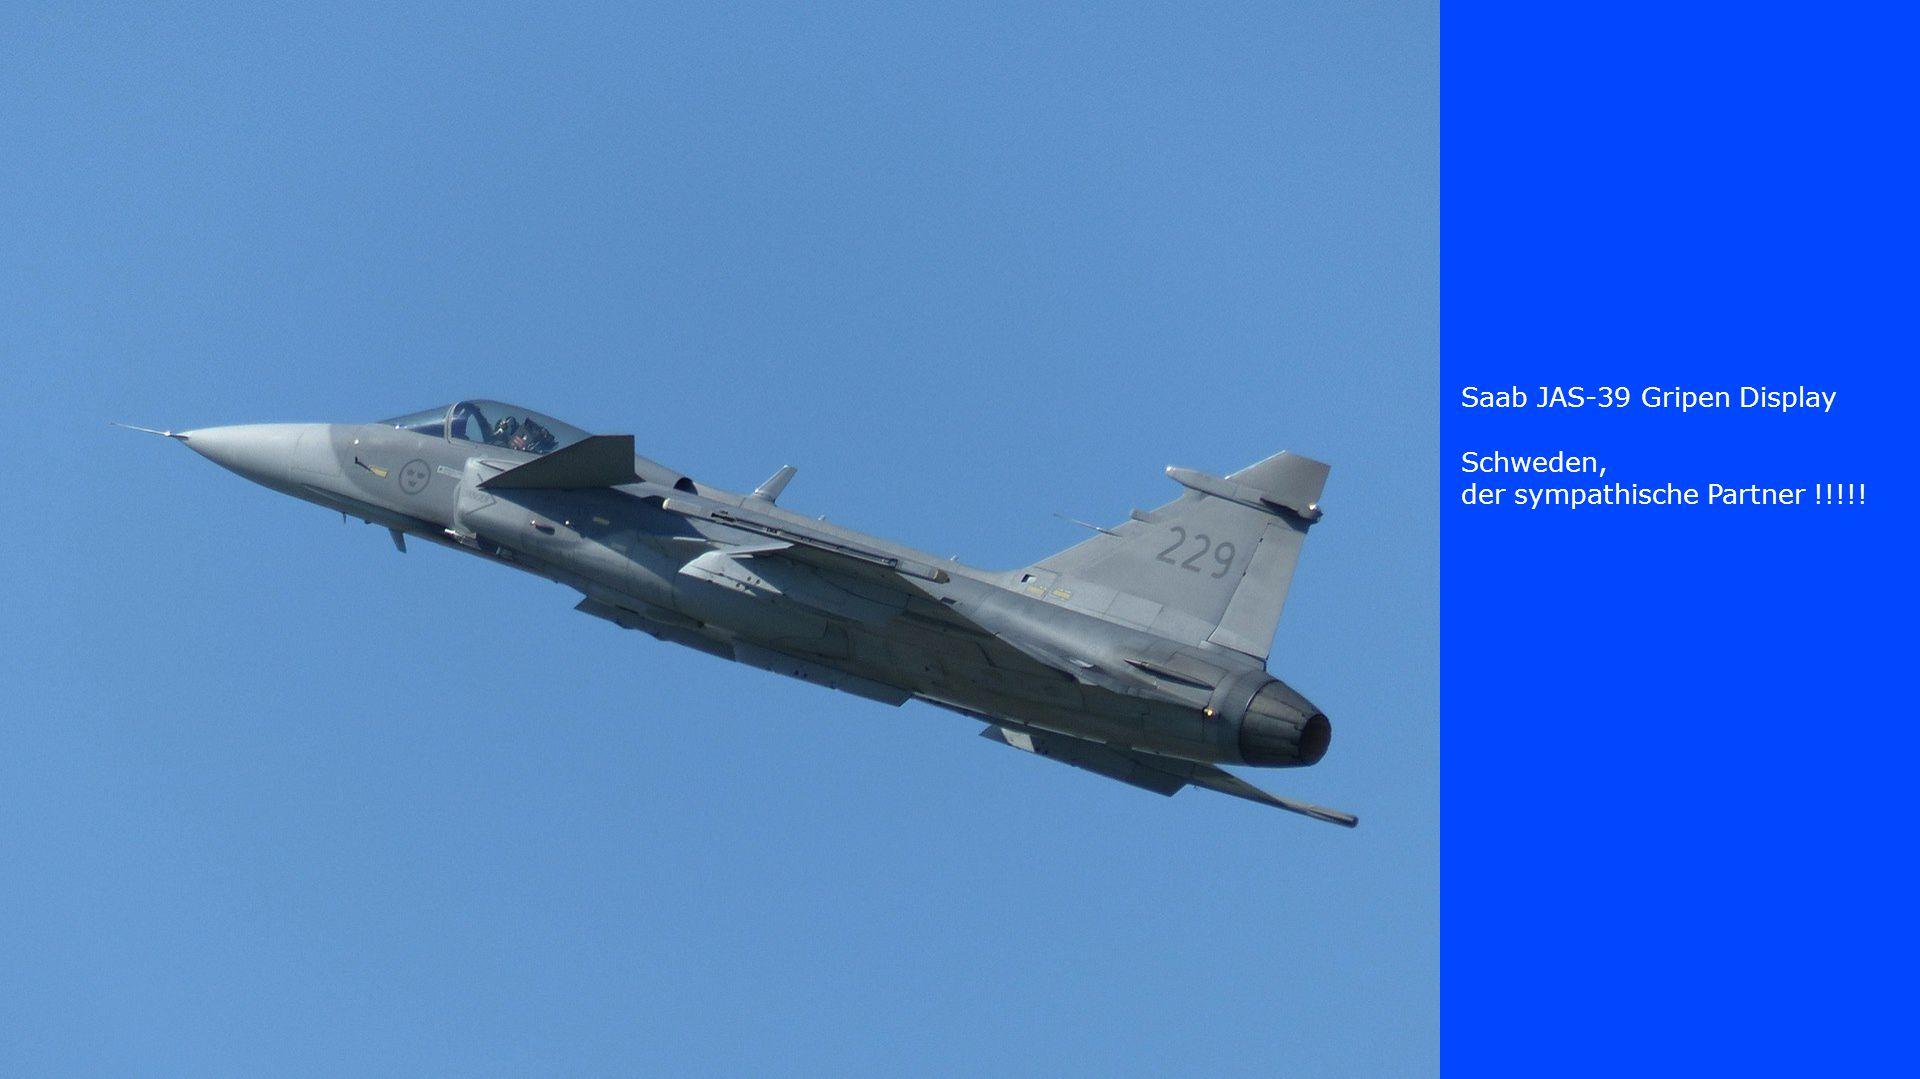 Saab JAS-39 Gripen Display Schweden, der sympathische Partner !!!!!